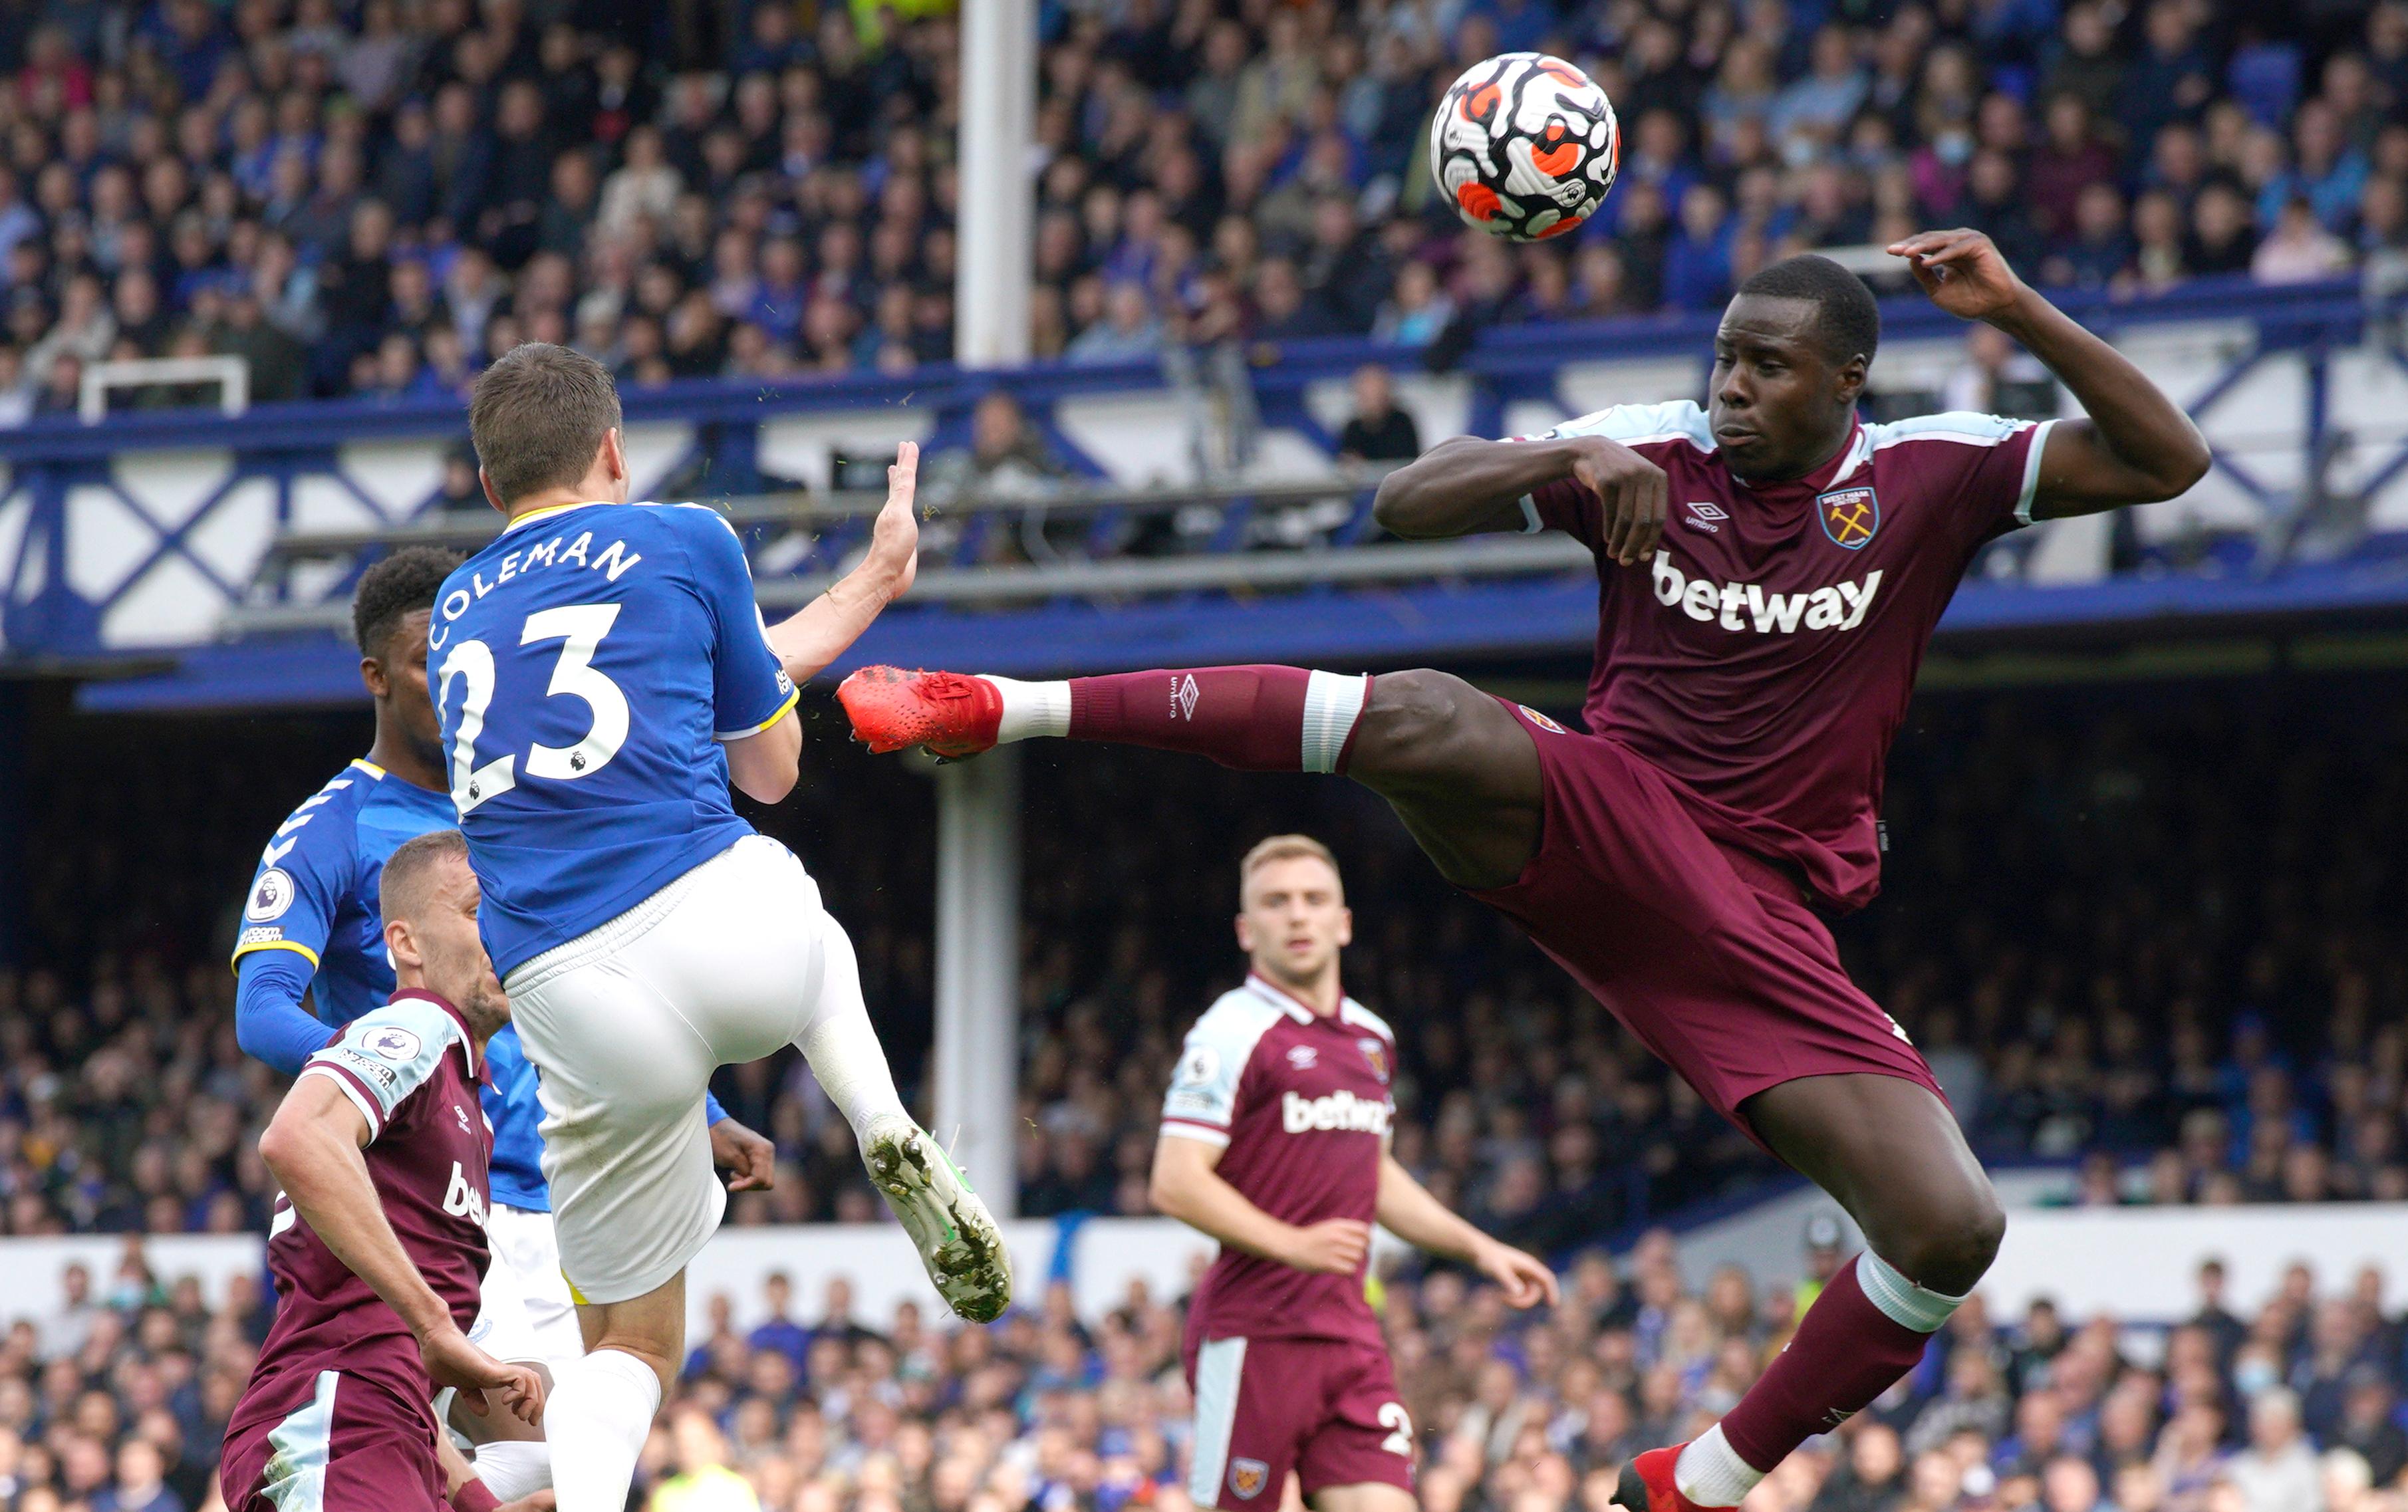 Everton v West Ham United - Premier League - Goodison Park